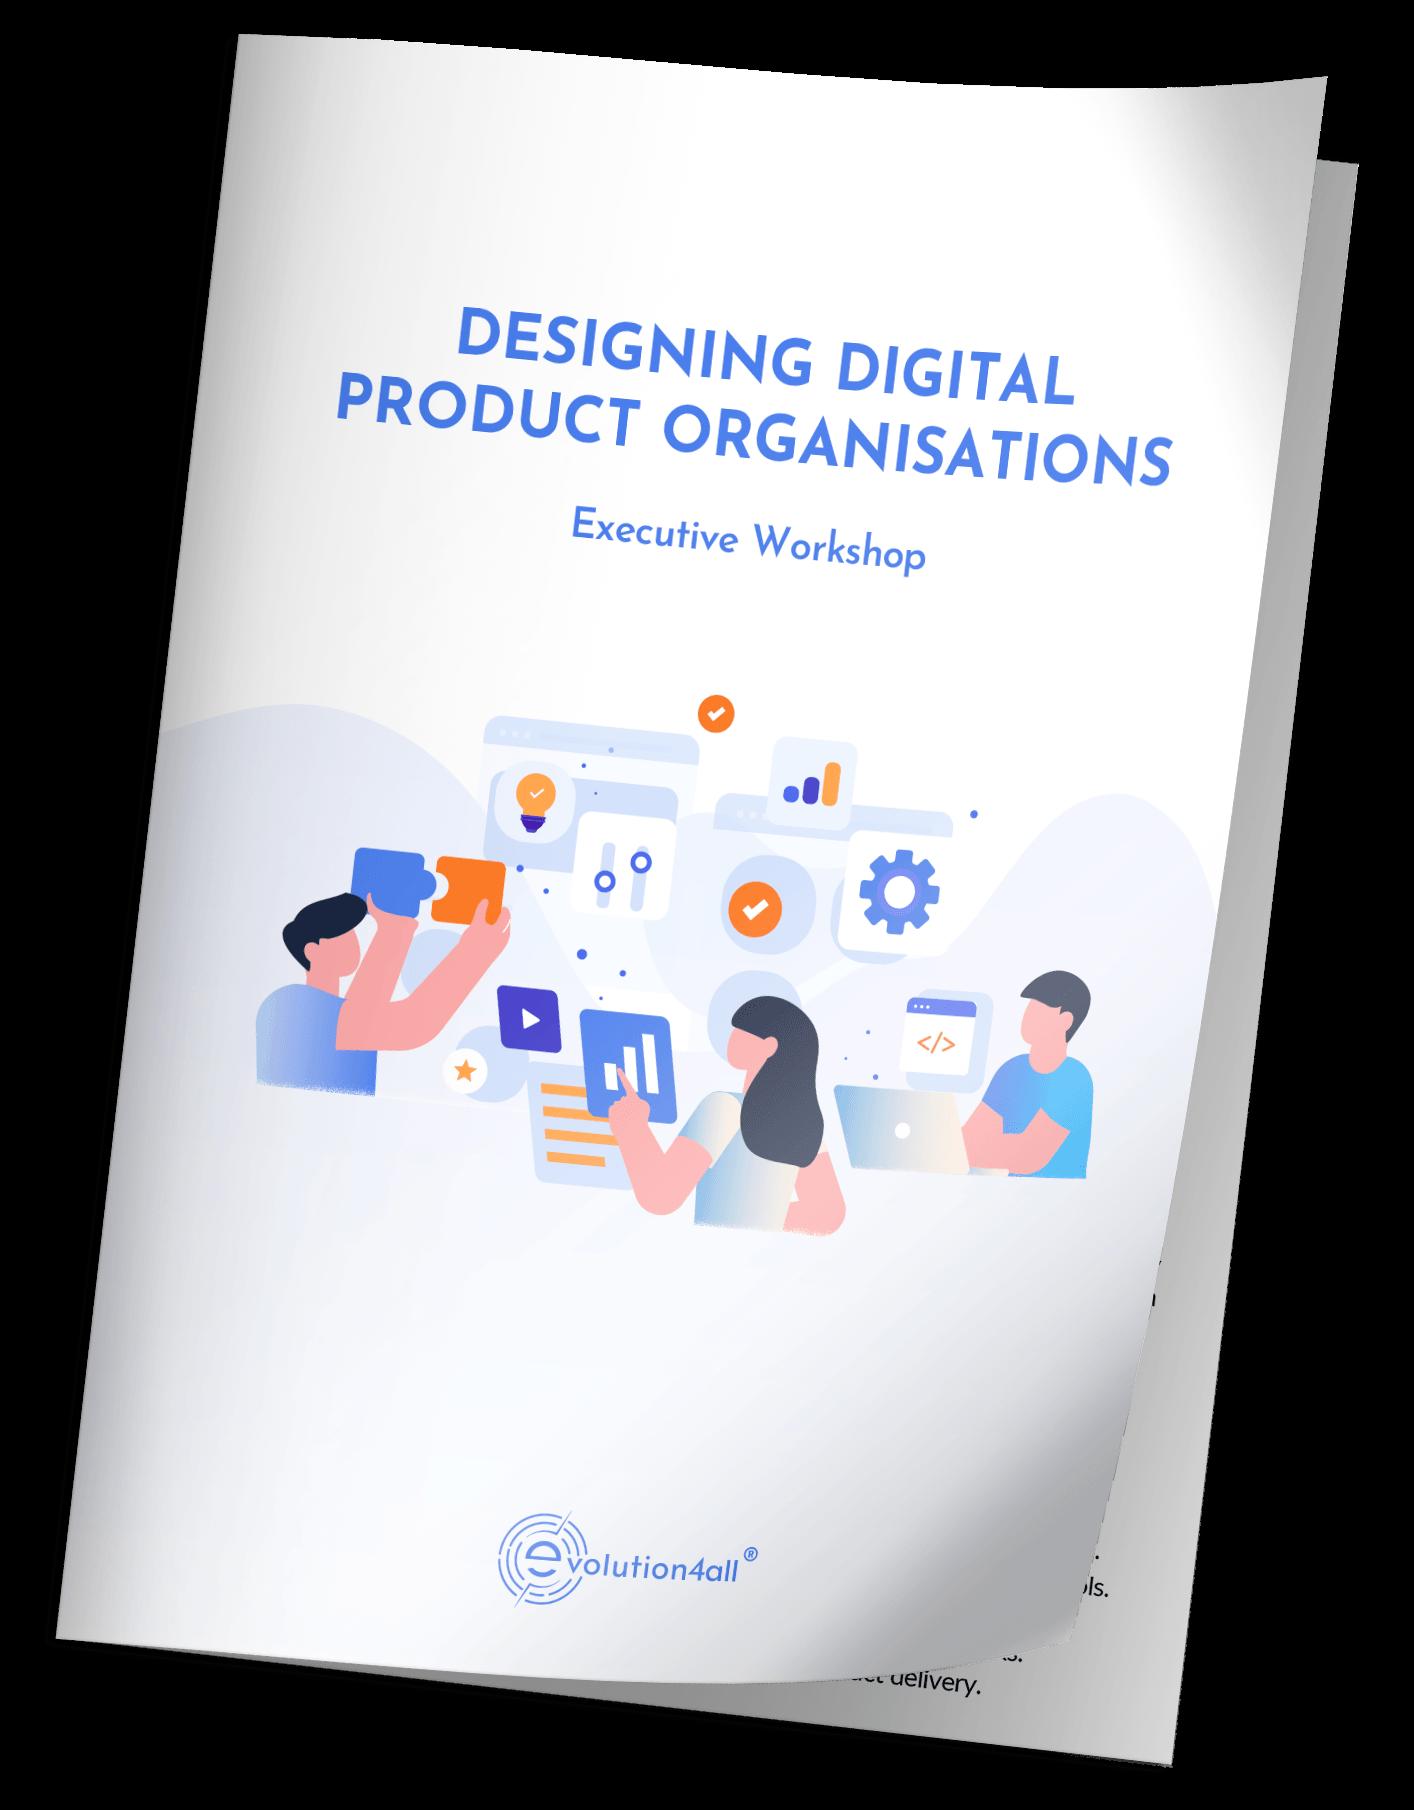 FREE WORKSHOP FOR EXECUTIVES OF ENTERPRISES: DESIGNING A DIGITAL PRODUCT ORGANISATION